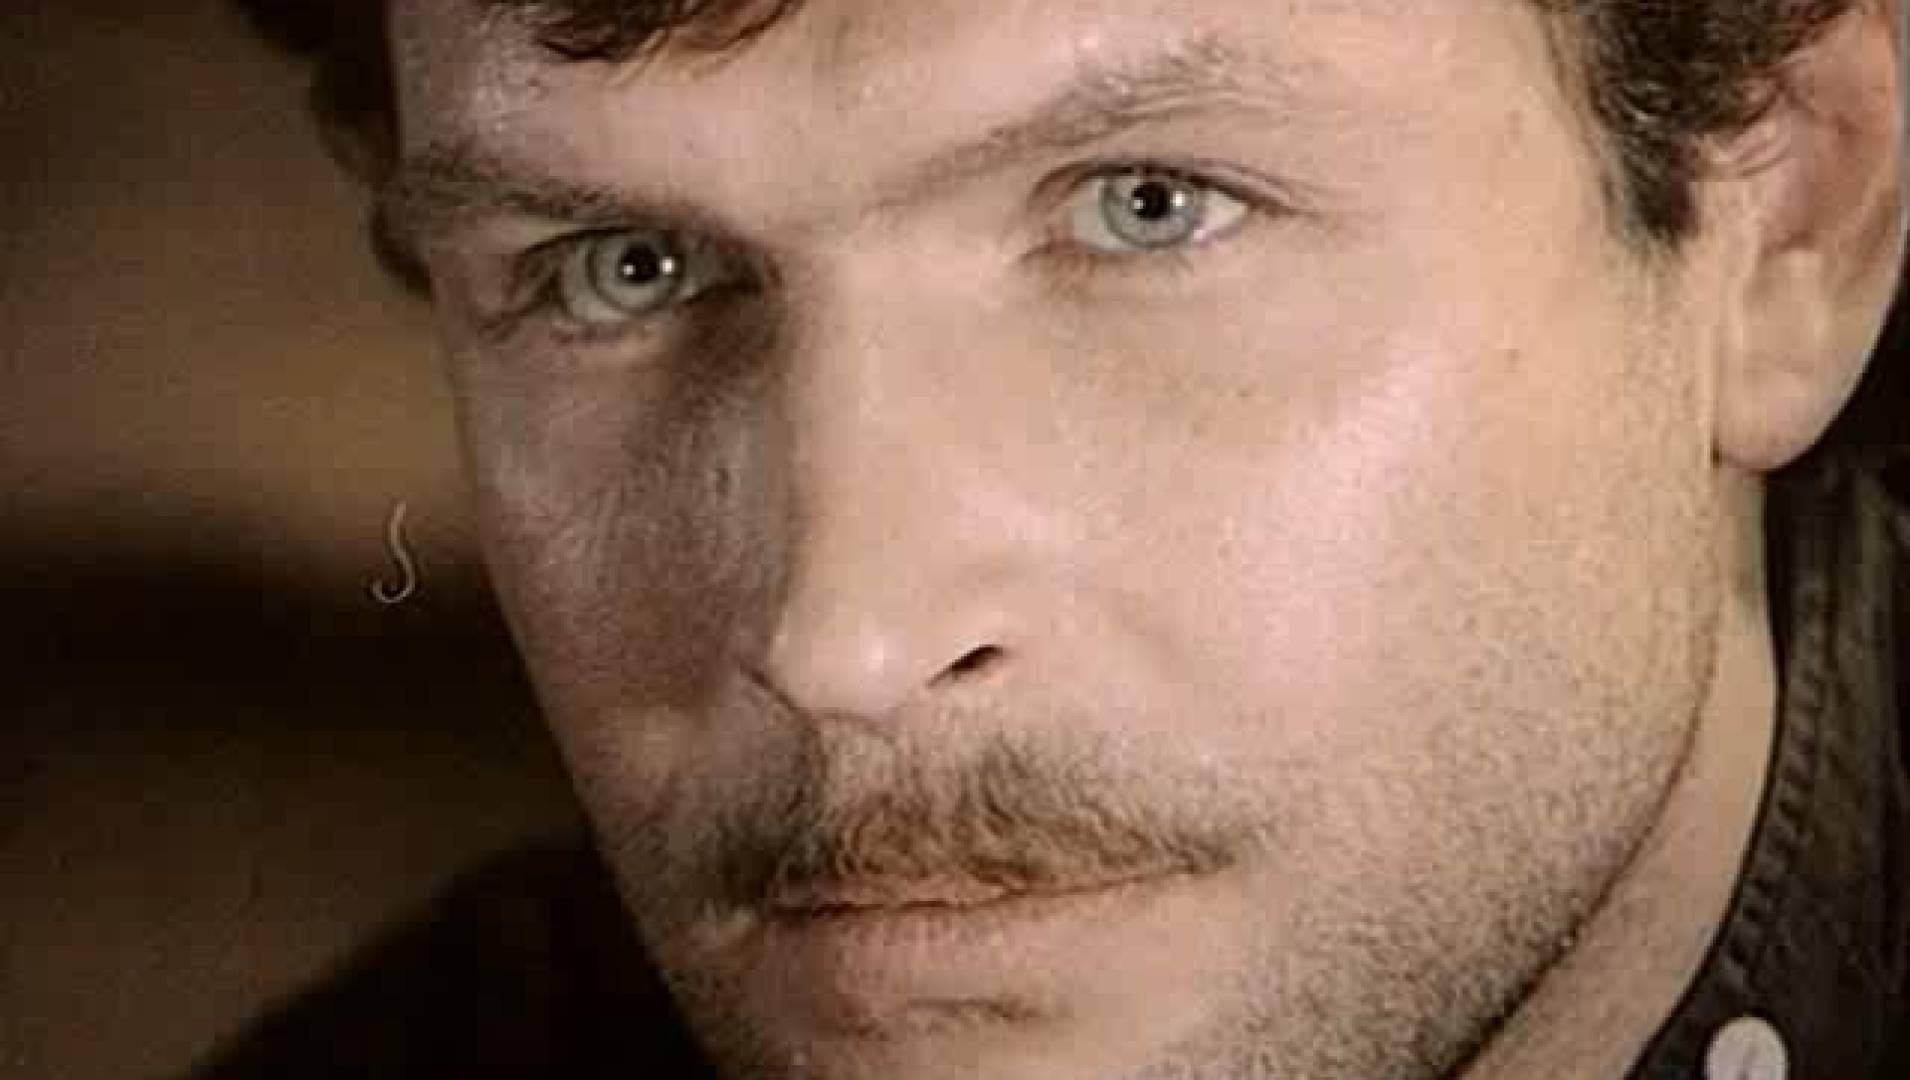 Вадим Спиридонов - биография, личная жизнь, фото, актер, фильмы, жена